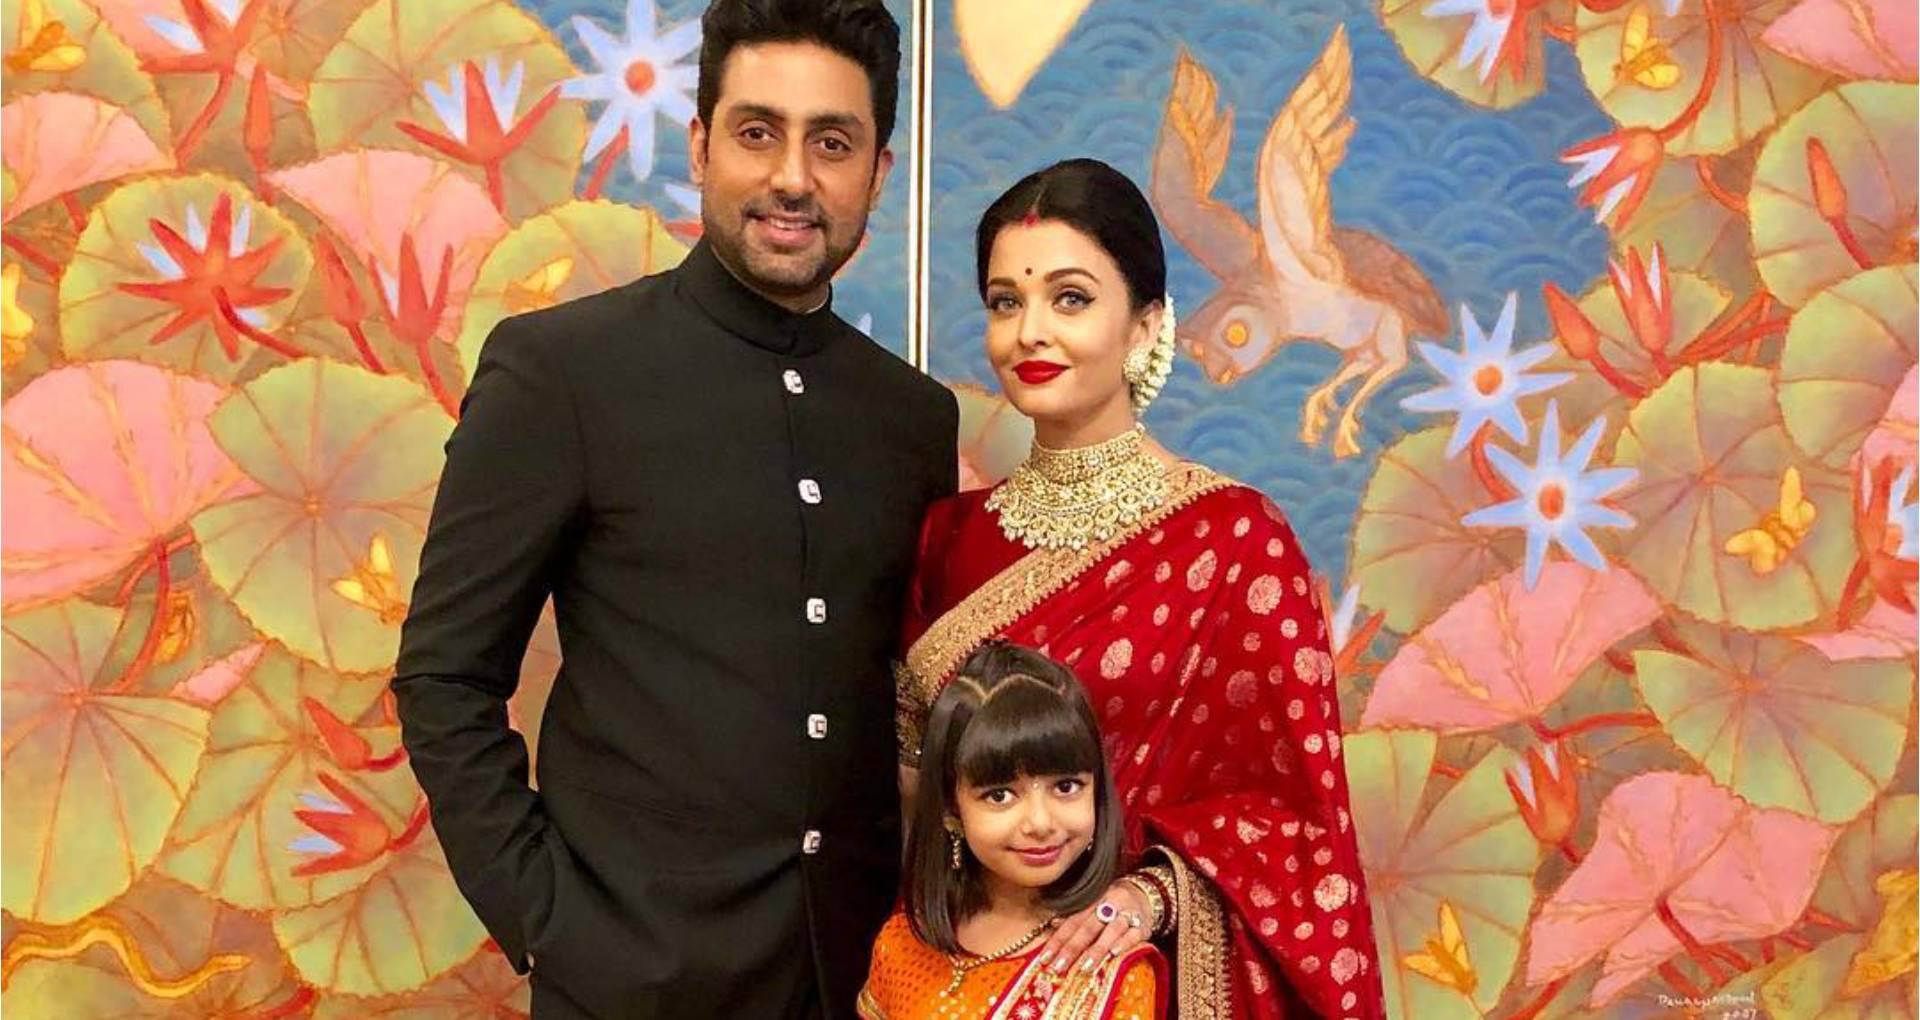 Abhishek Bachchan Birthday Bash Aishwarya Rai Bachchan Marriage Story - Abhishek Bachchan Birthday Bash, Aishwarya Rai Bachchan - News